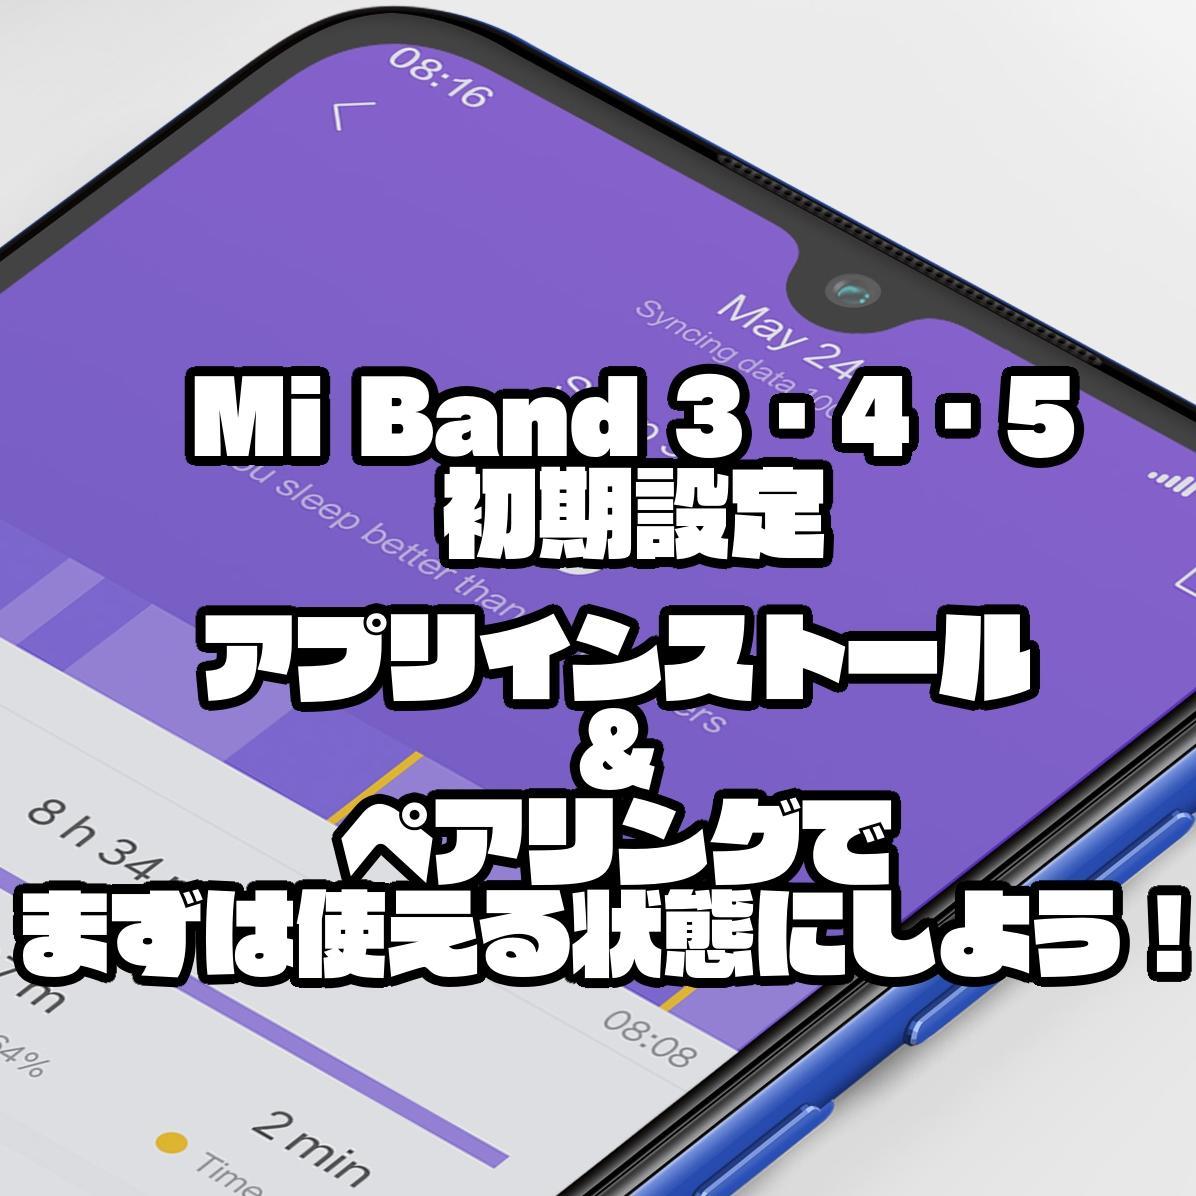 【Mi Band 3・4・5初期設定】アプリインストール&ペアリングでまずは使える状態にしよう!